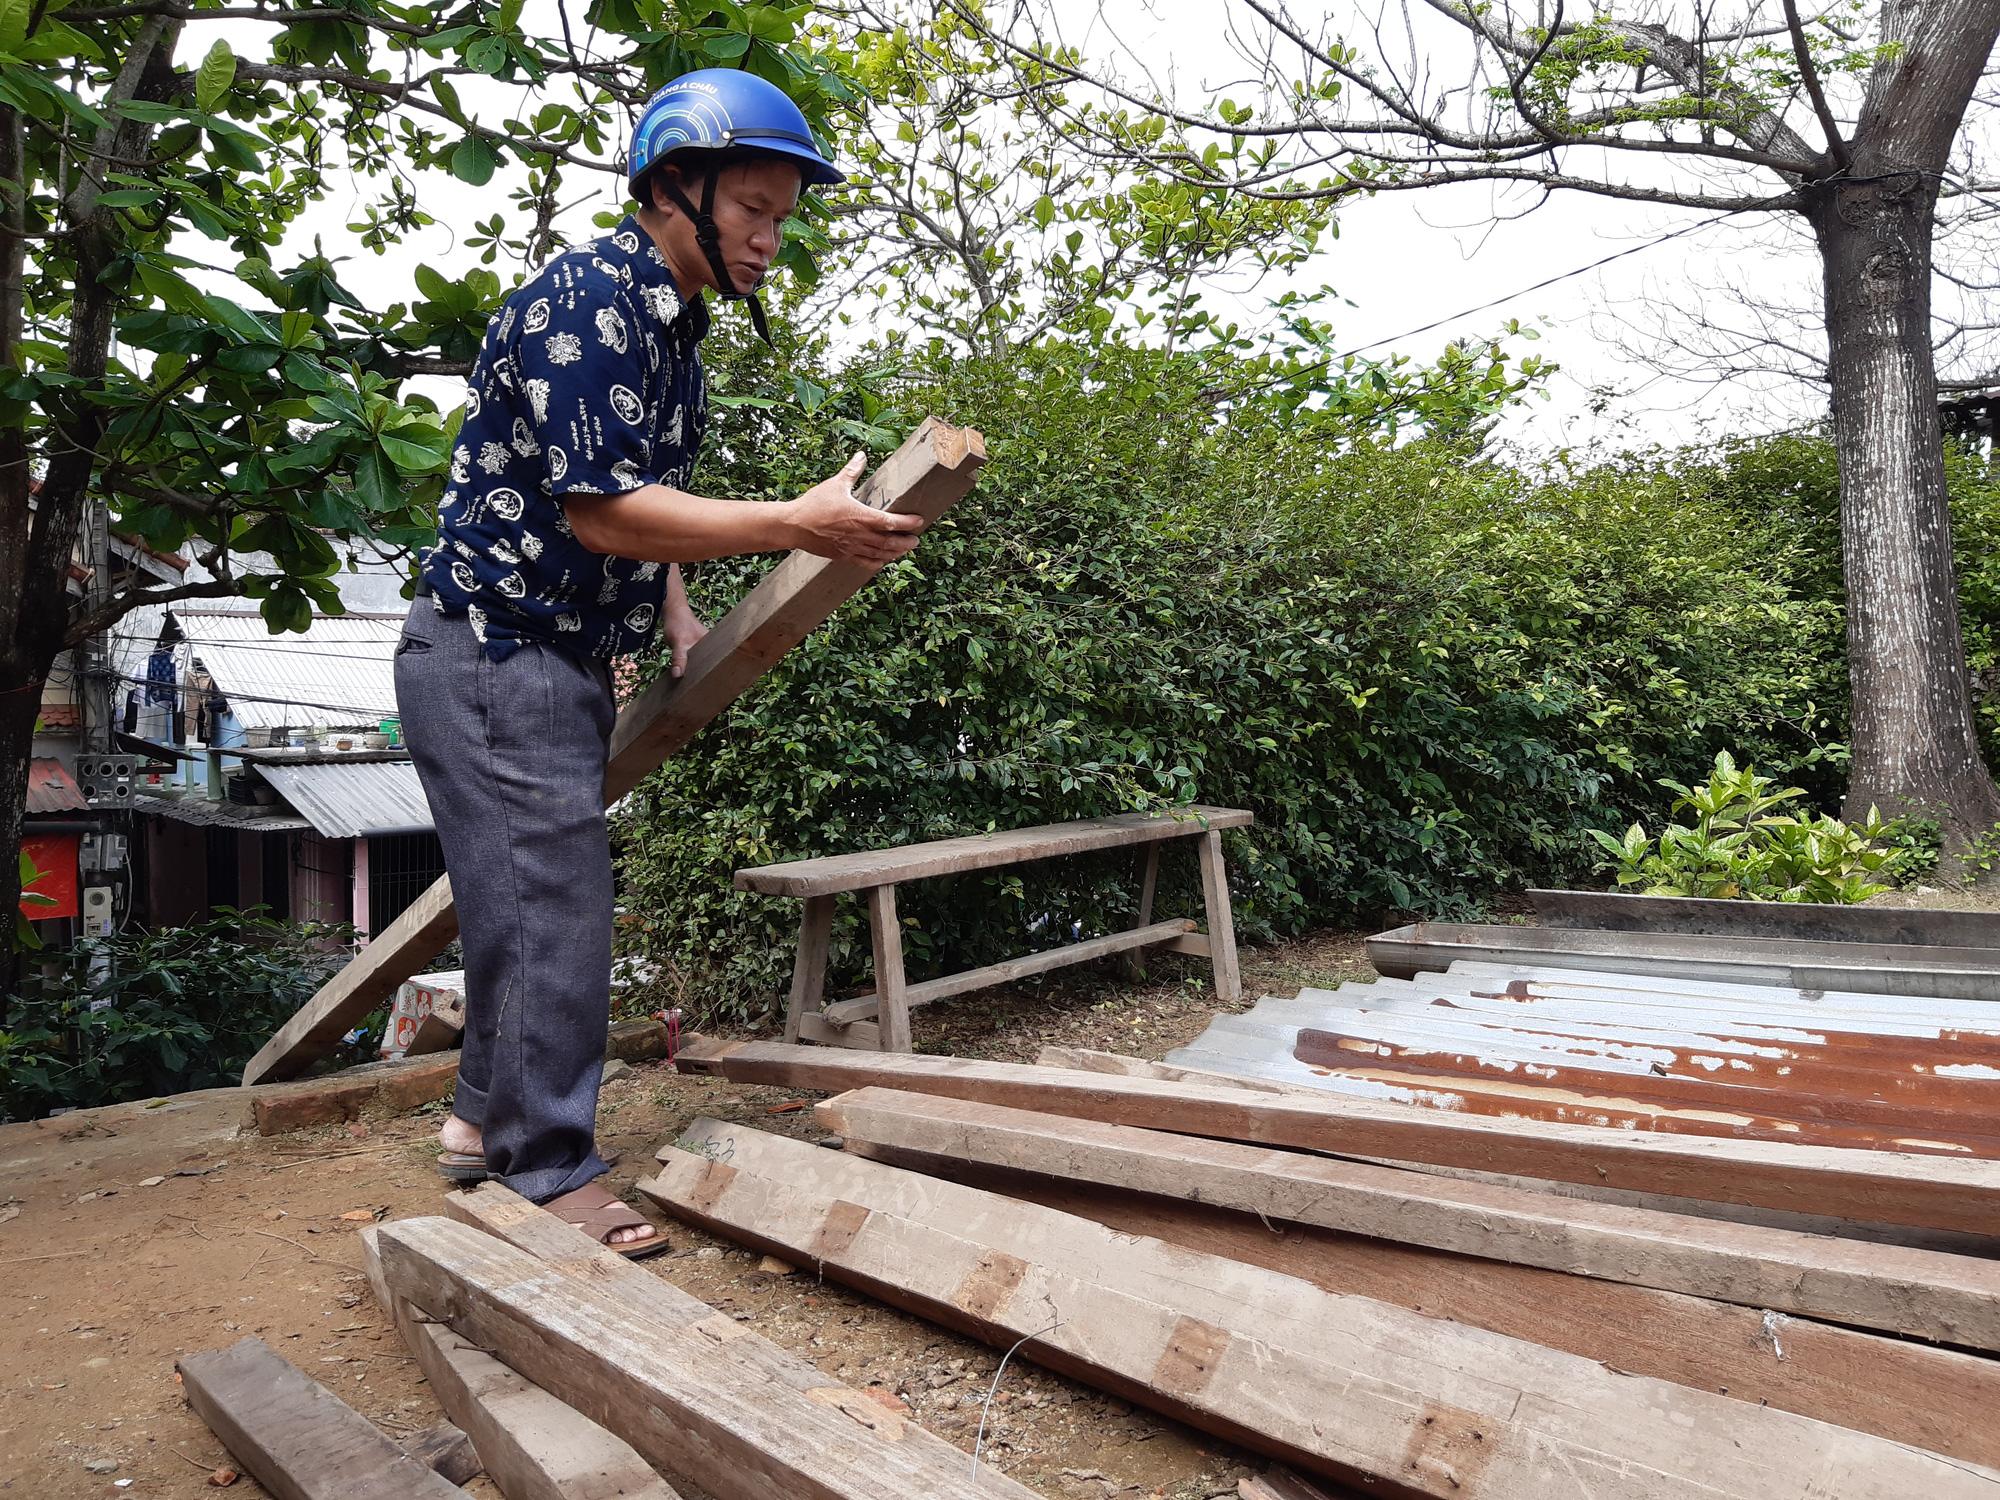 Thừa Thiên - Huế: Người dân Thượng thành tháo dỡ nhà cửa để chuẩn bị đến nơi ở mới - Ảnh 6.